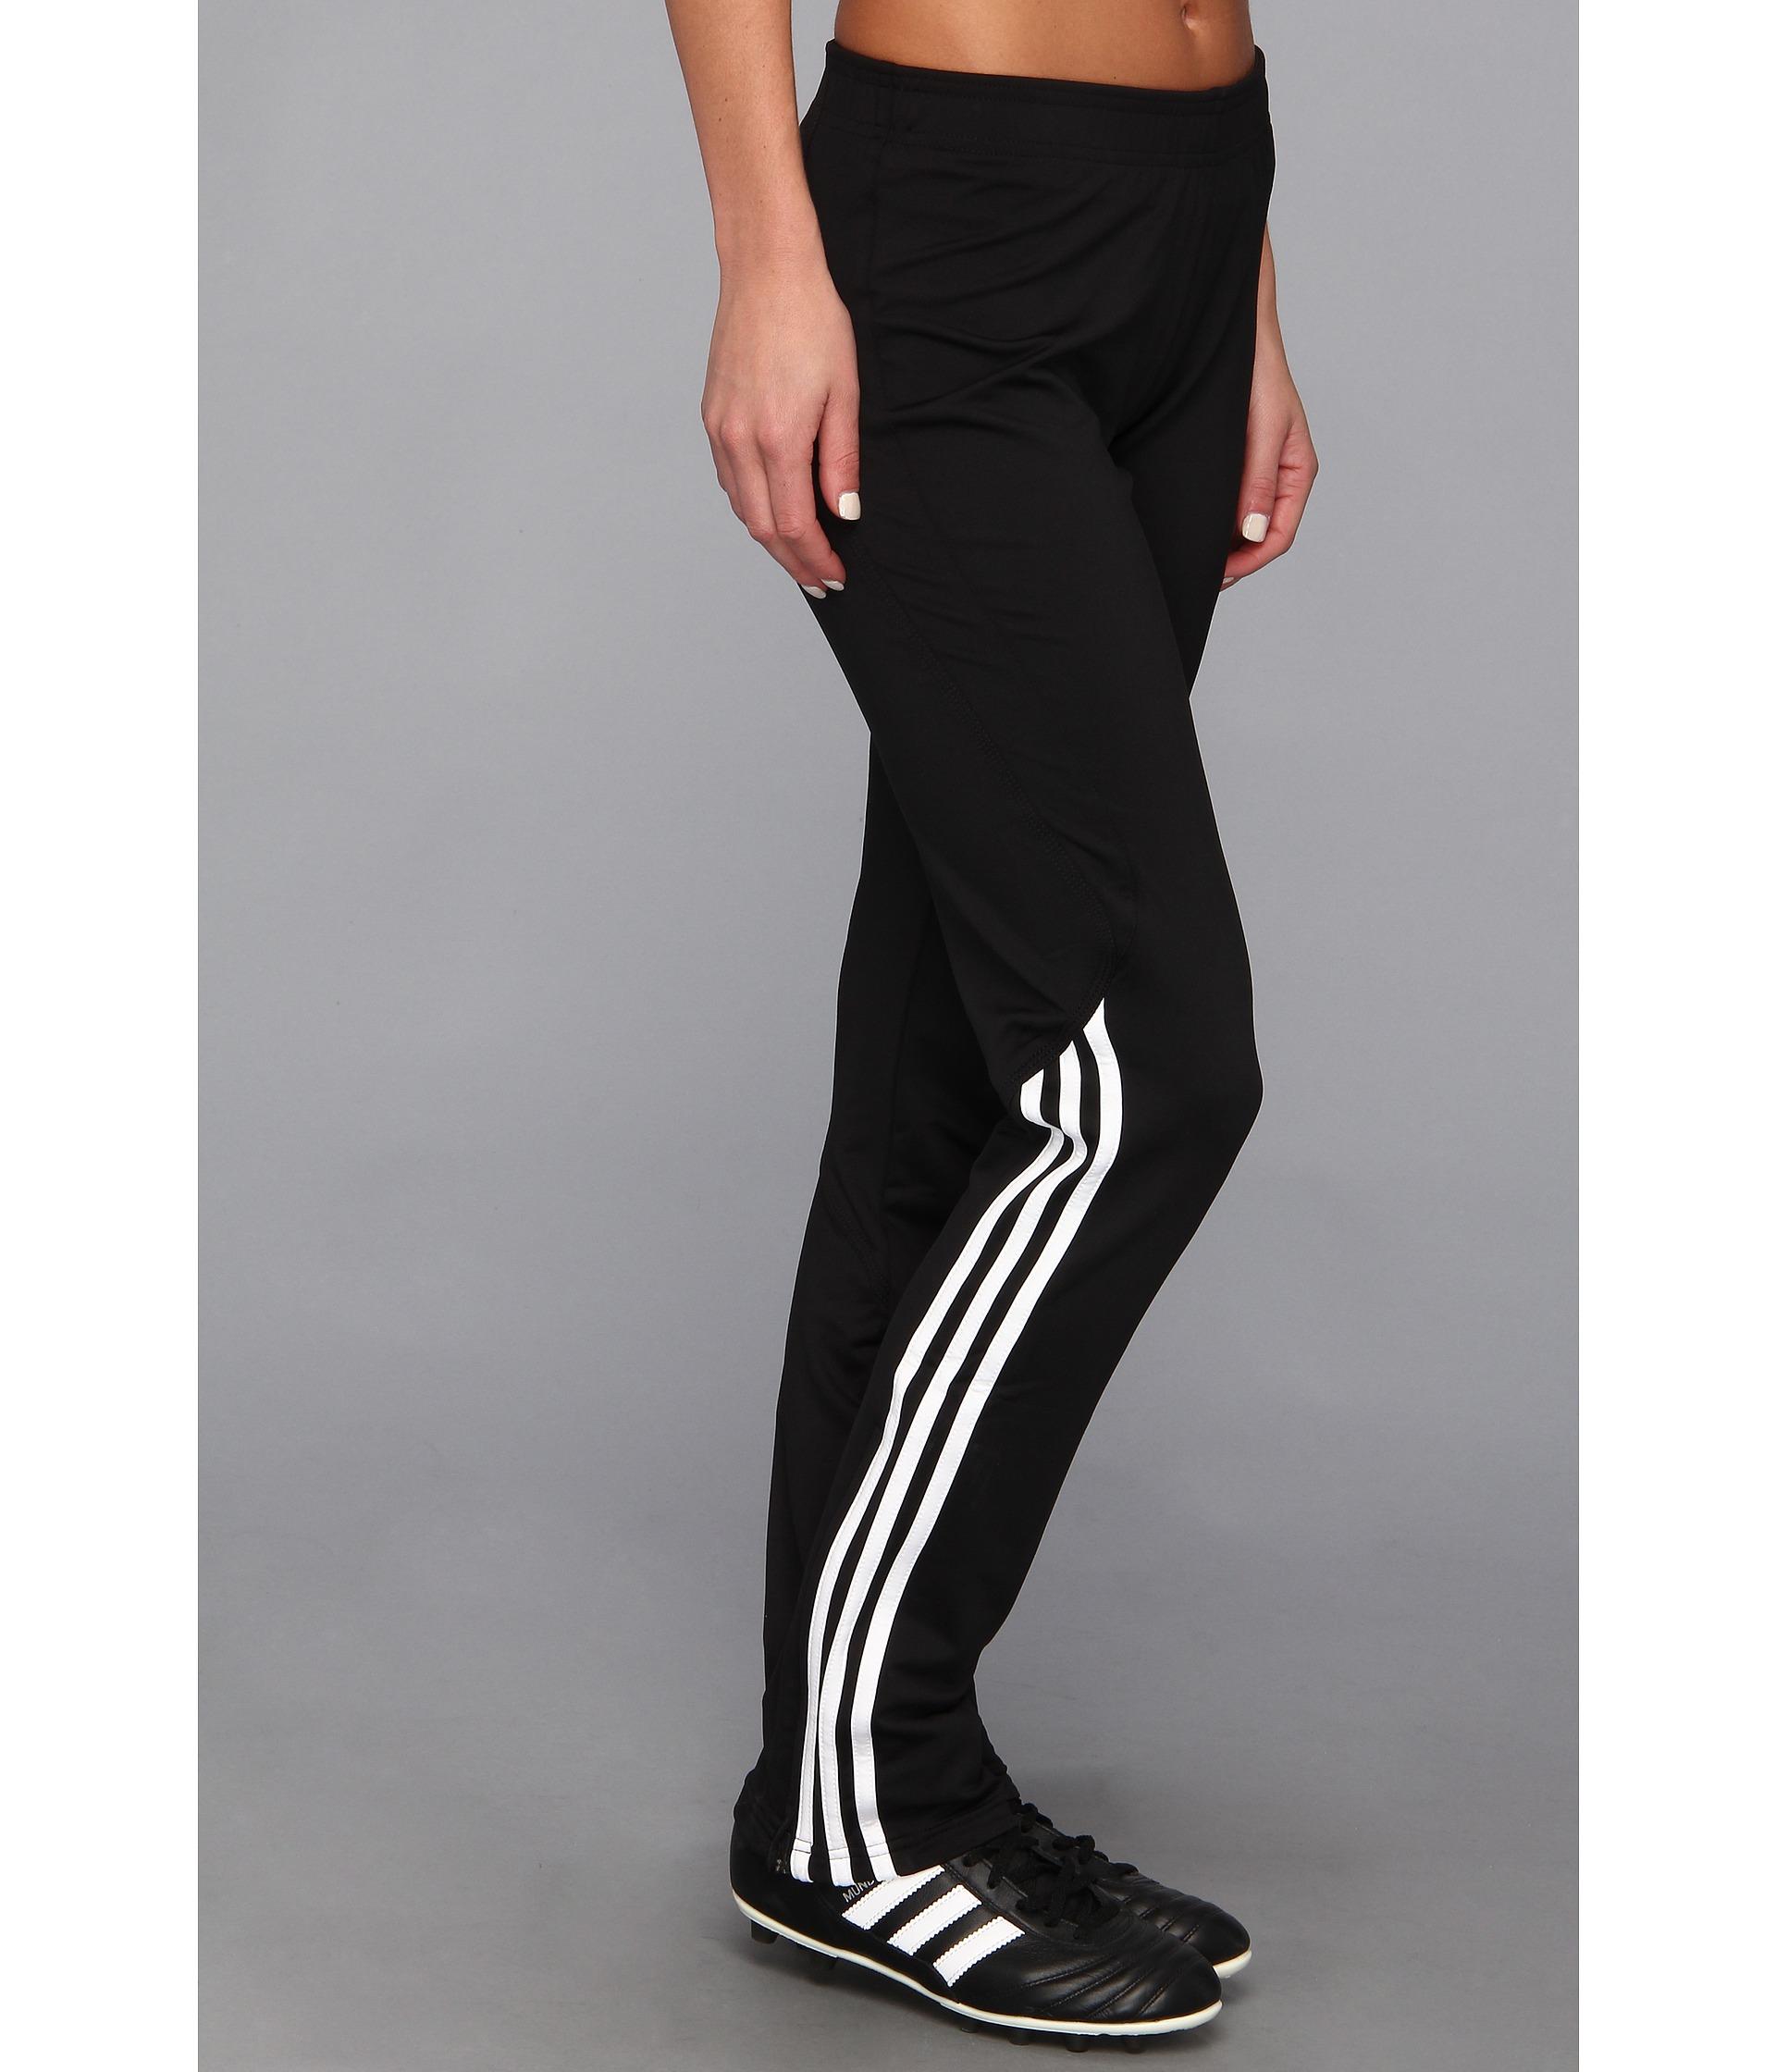 Yoga Clothing - Lululemon Wunder Under Crop Astro Pant Grey Women 1668788